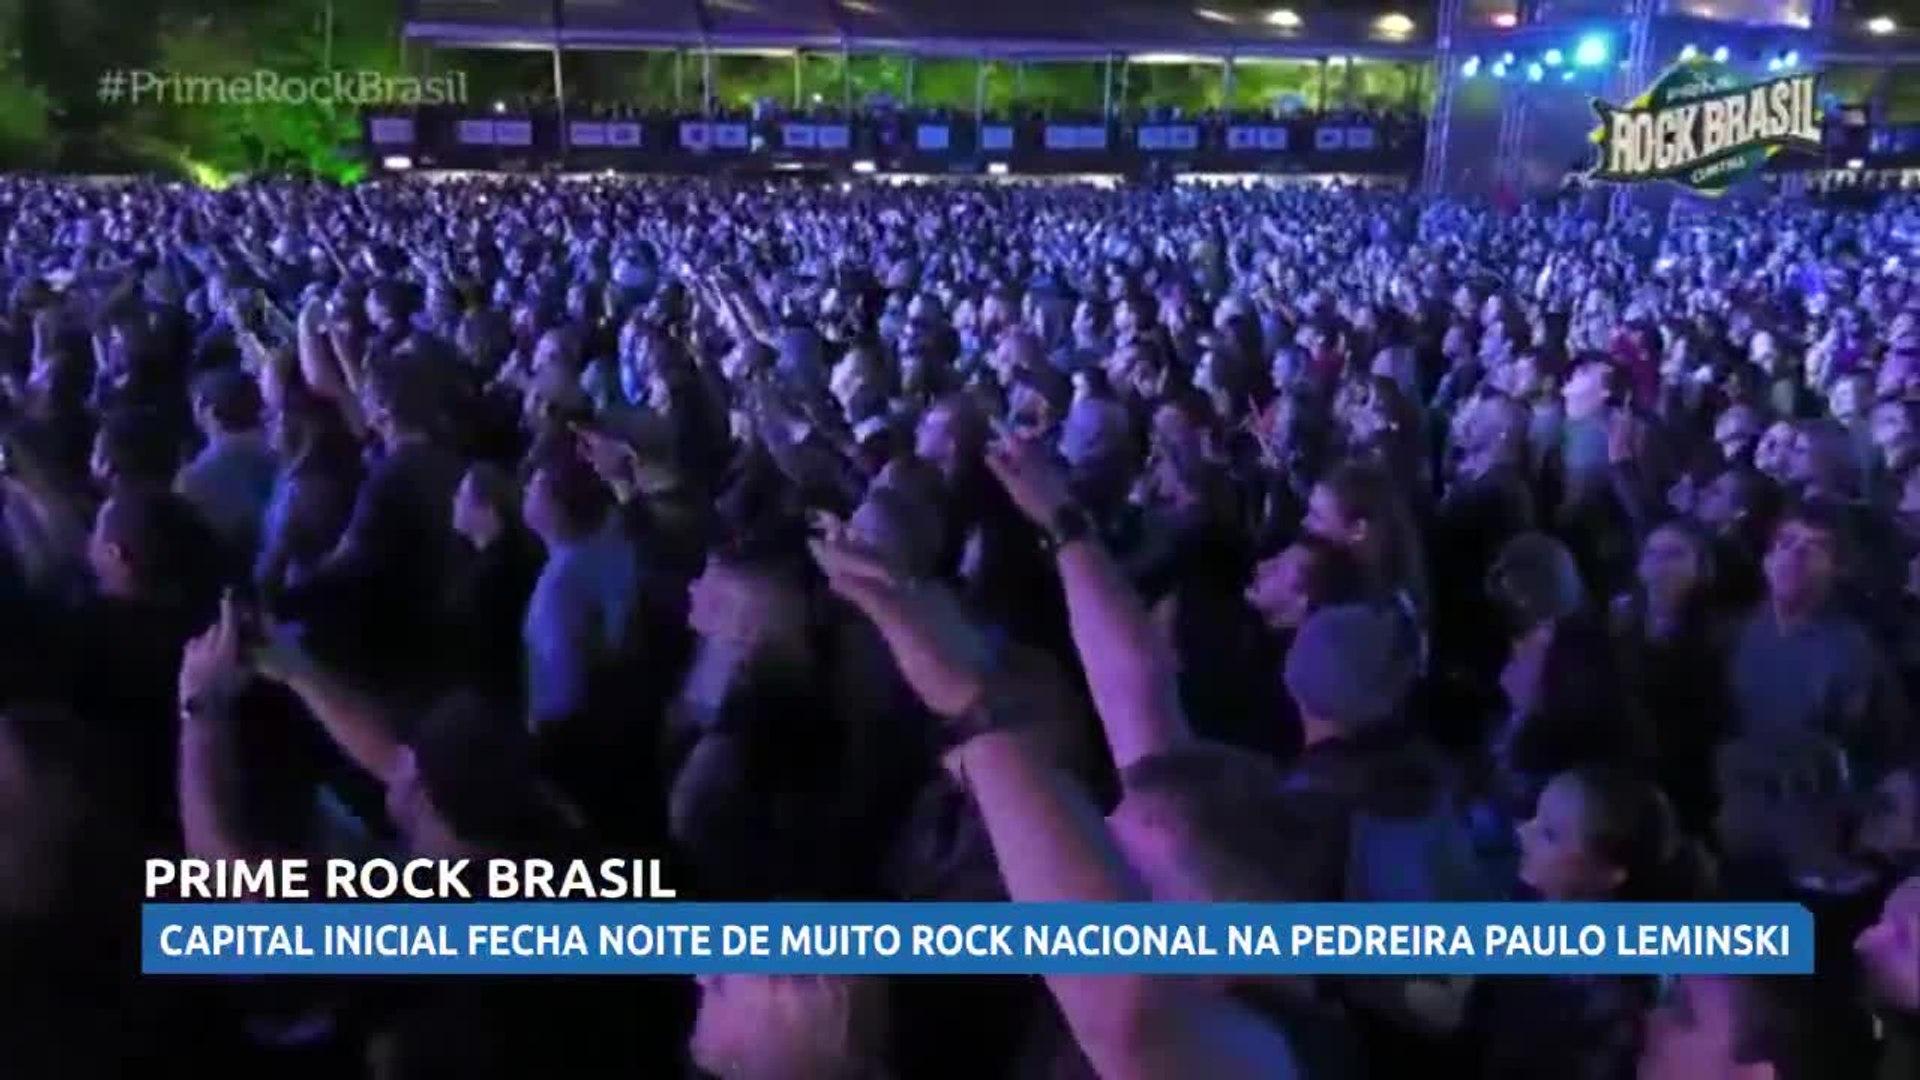 Prime Rock Brasil: festival de rock era sonho antigo do Capital Inicial